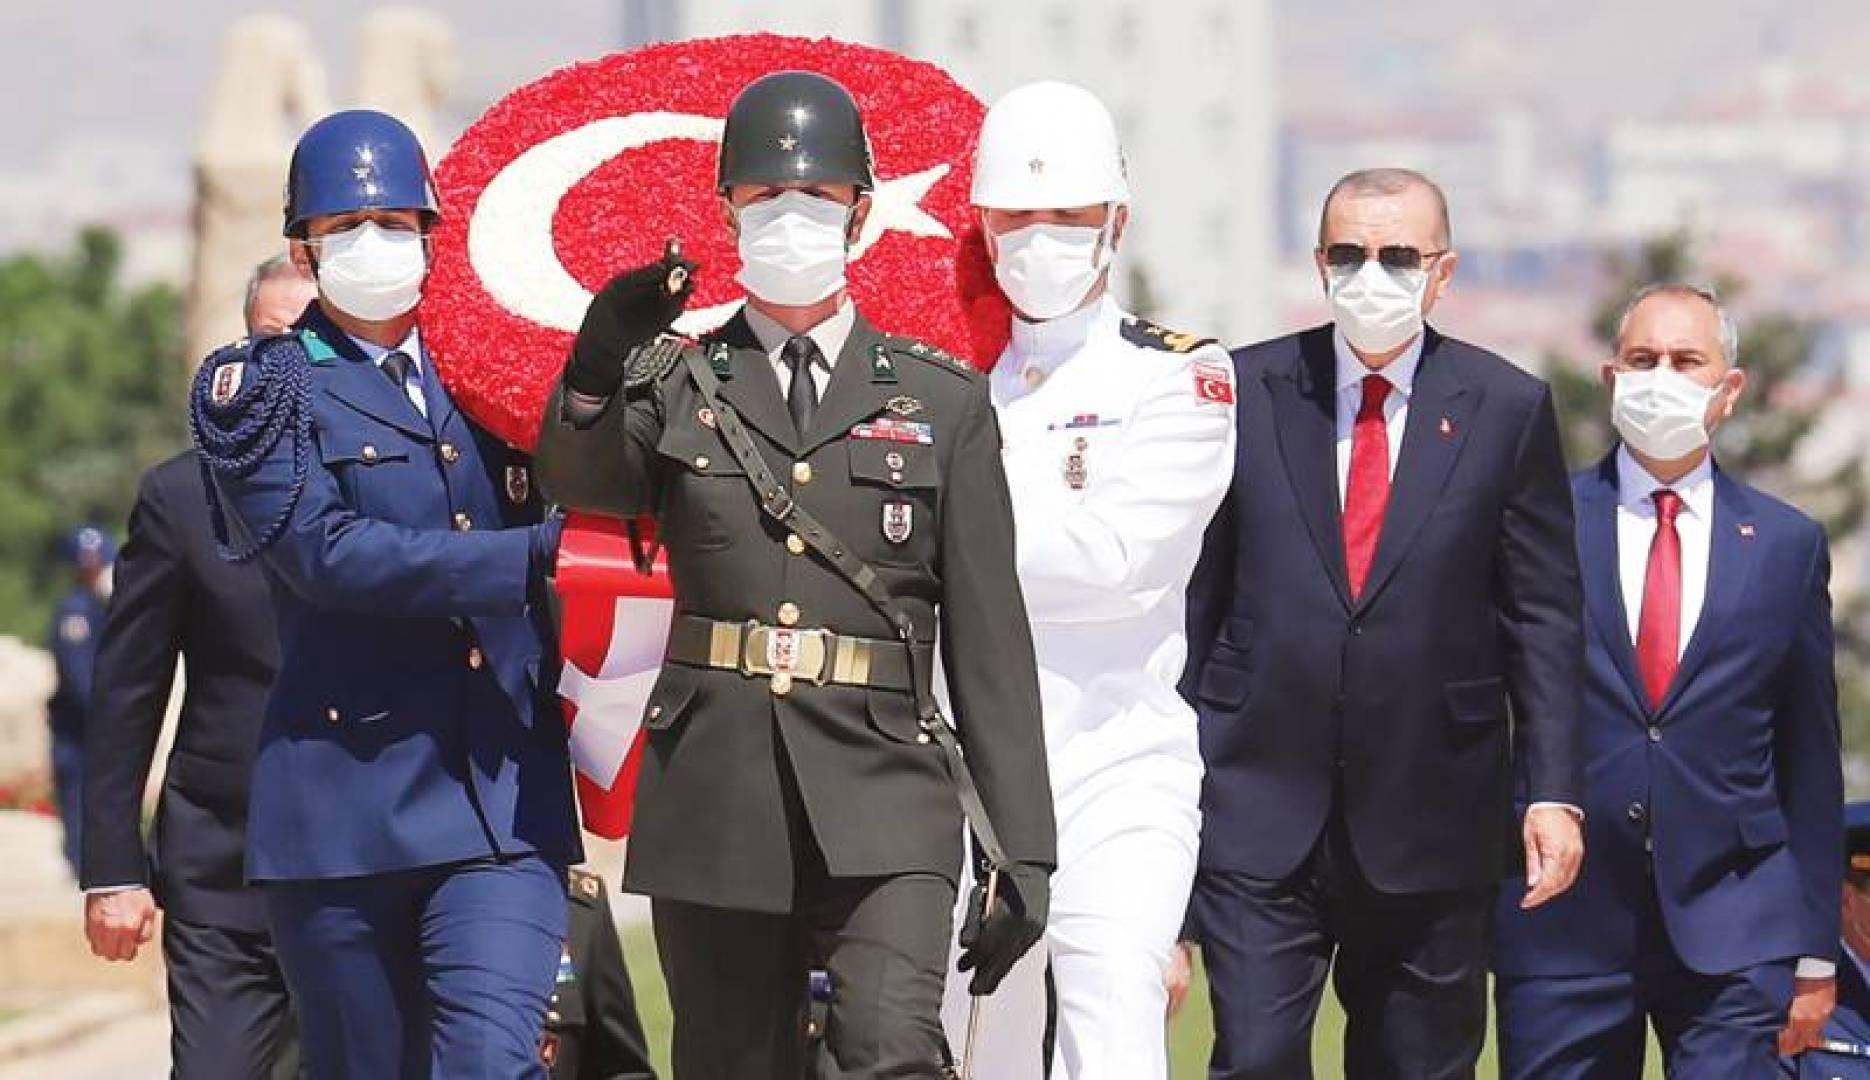 أردوغان وجنرالاته يزورون ضريح أتاتورك في أنقرة (أ ف ب)